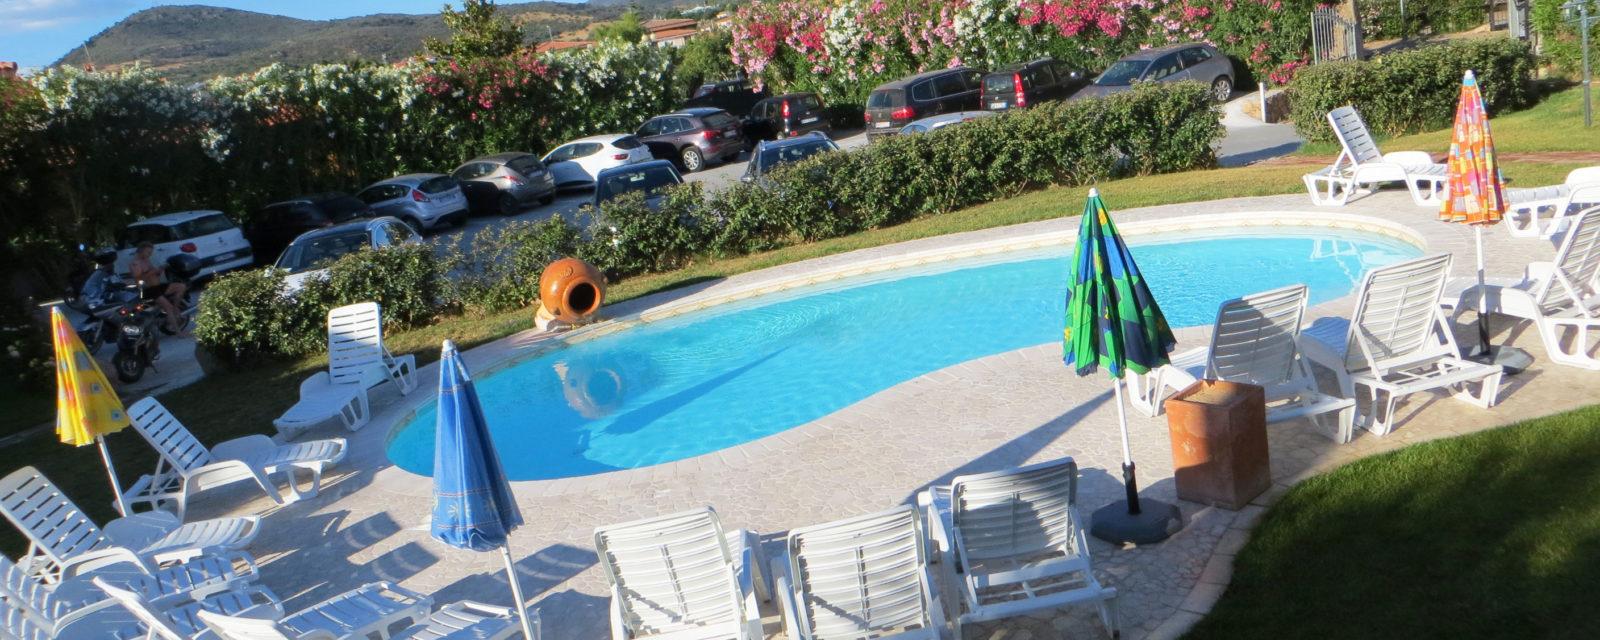 La piscina dell'Hotel a San Teodoro Sardegna